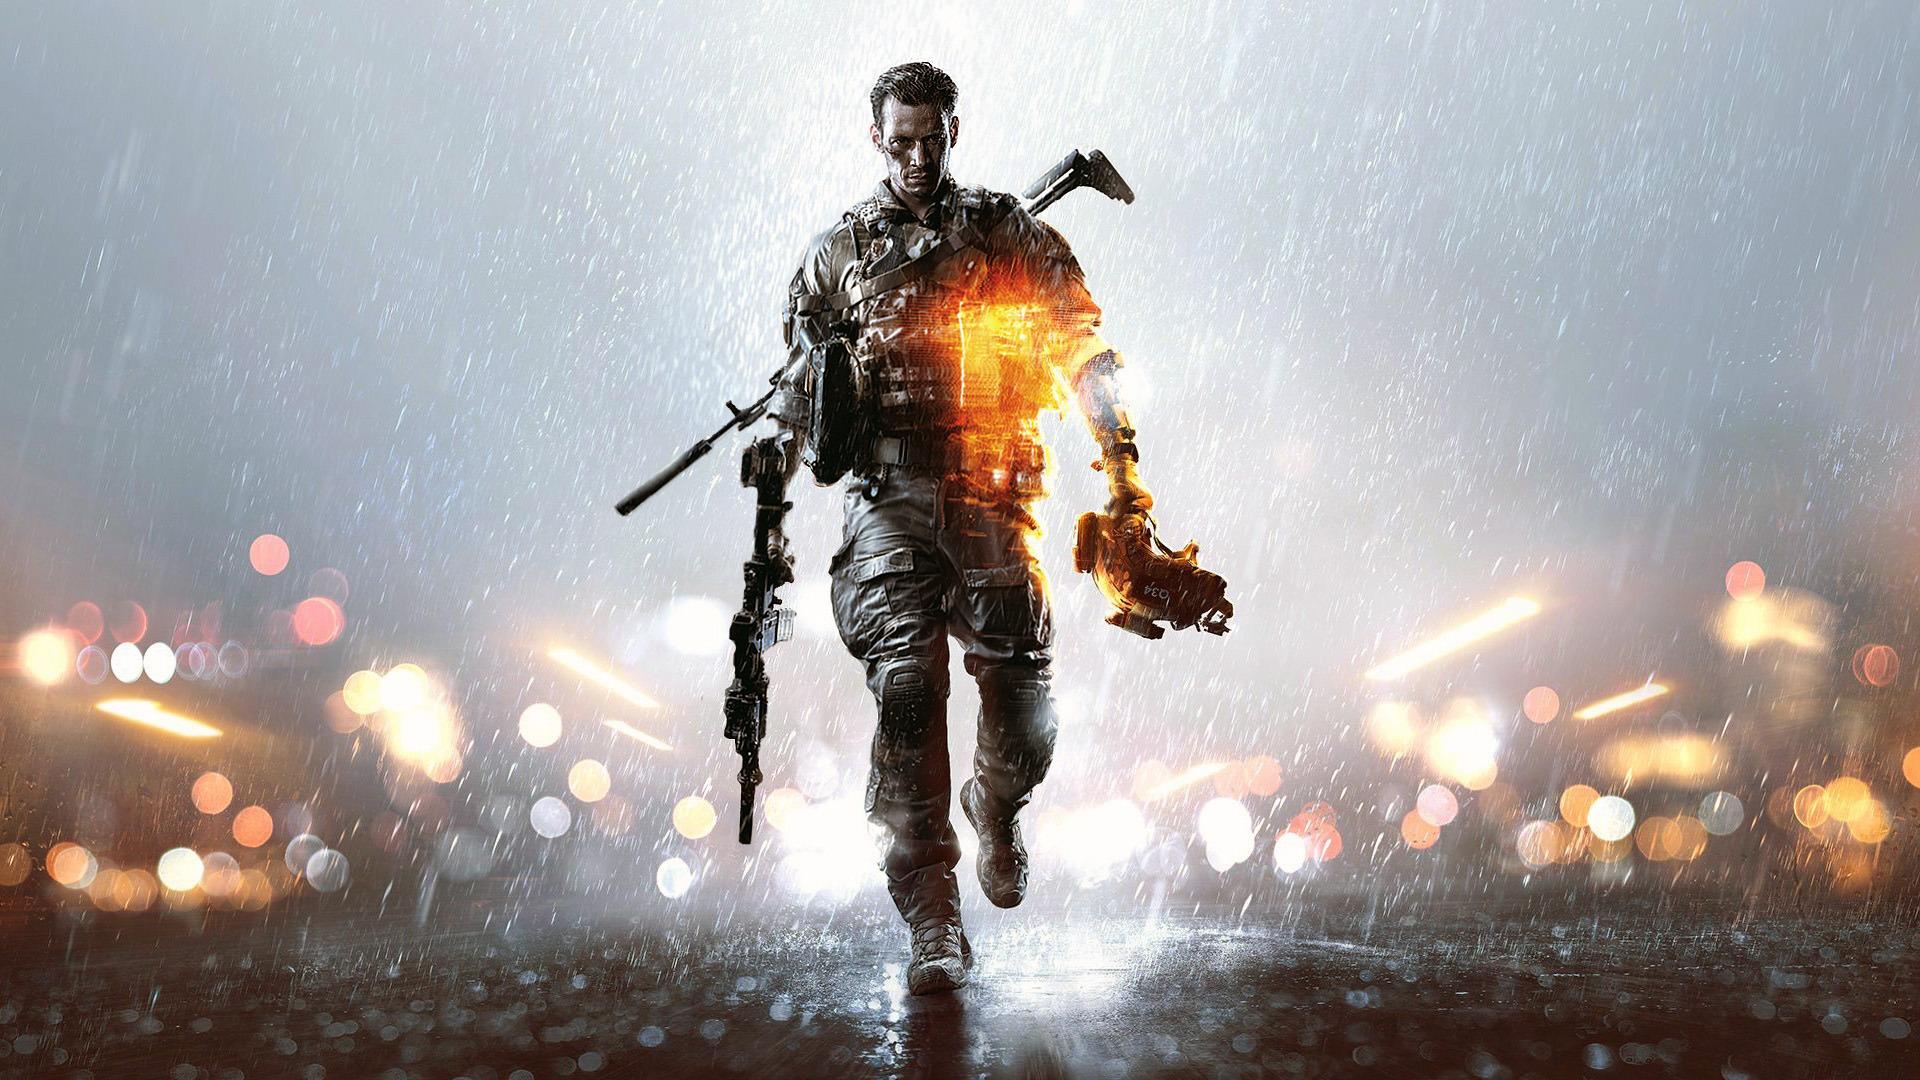 Battlefield 4 miễn phí trong vòng một tuần!